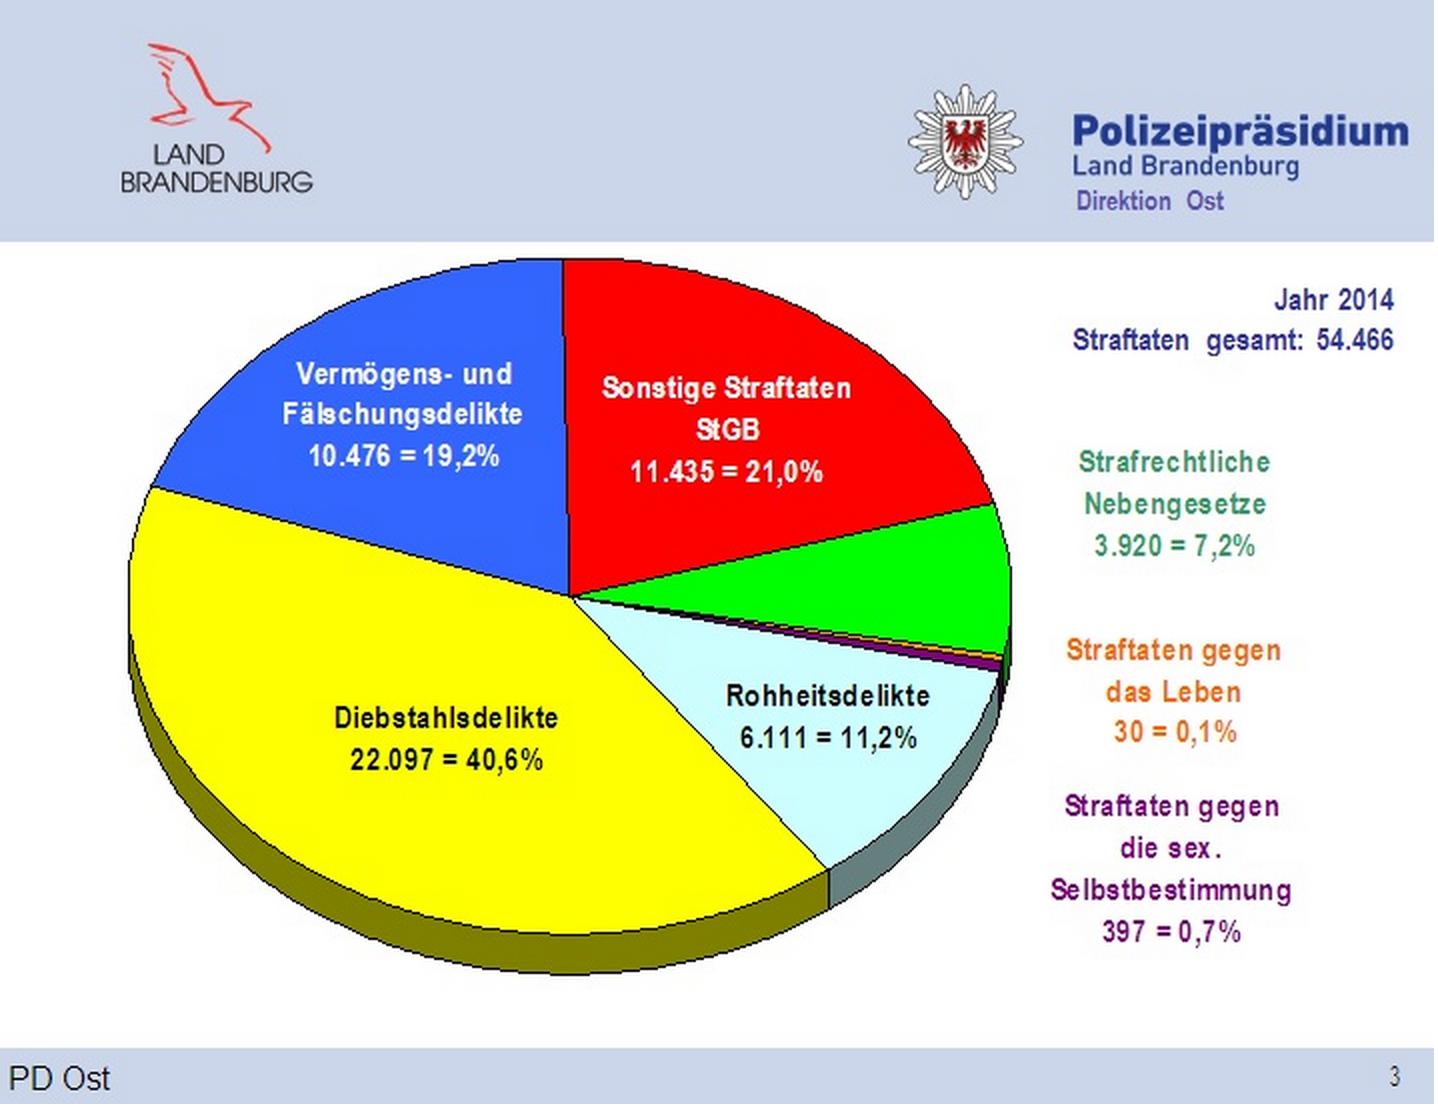 Polizei: Kriminalitätslage der Direktion Ost für das Jahr 2014 ...